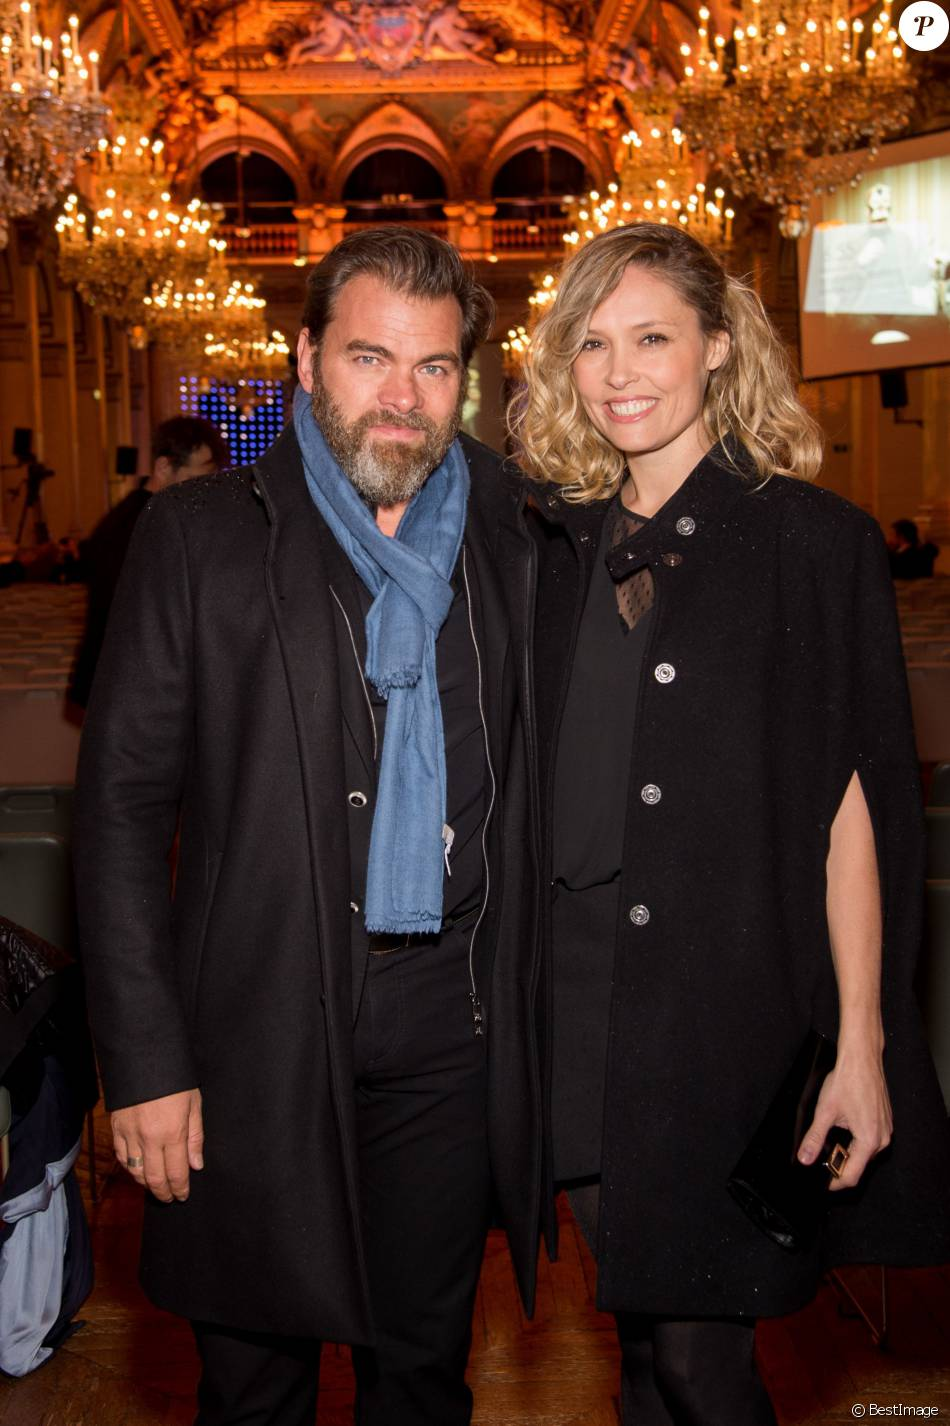 Clovis Cornillac et sa femme Lilou Fogli lors de la 21e cérémonie des Lauriers de la radio et de la télévision à l'Hôtel de Ville de Paris le 8 février 2016